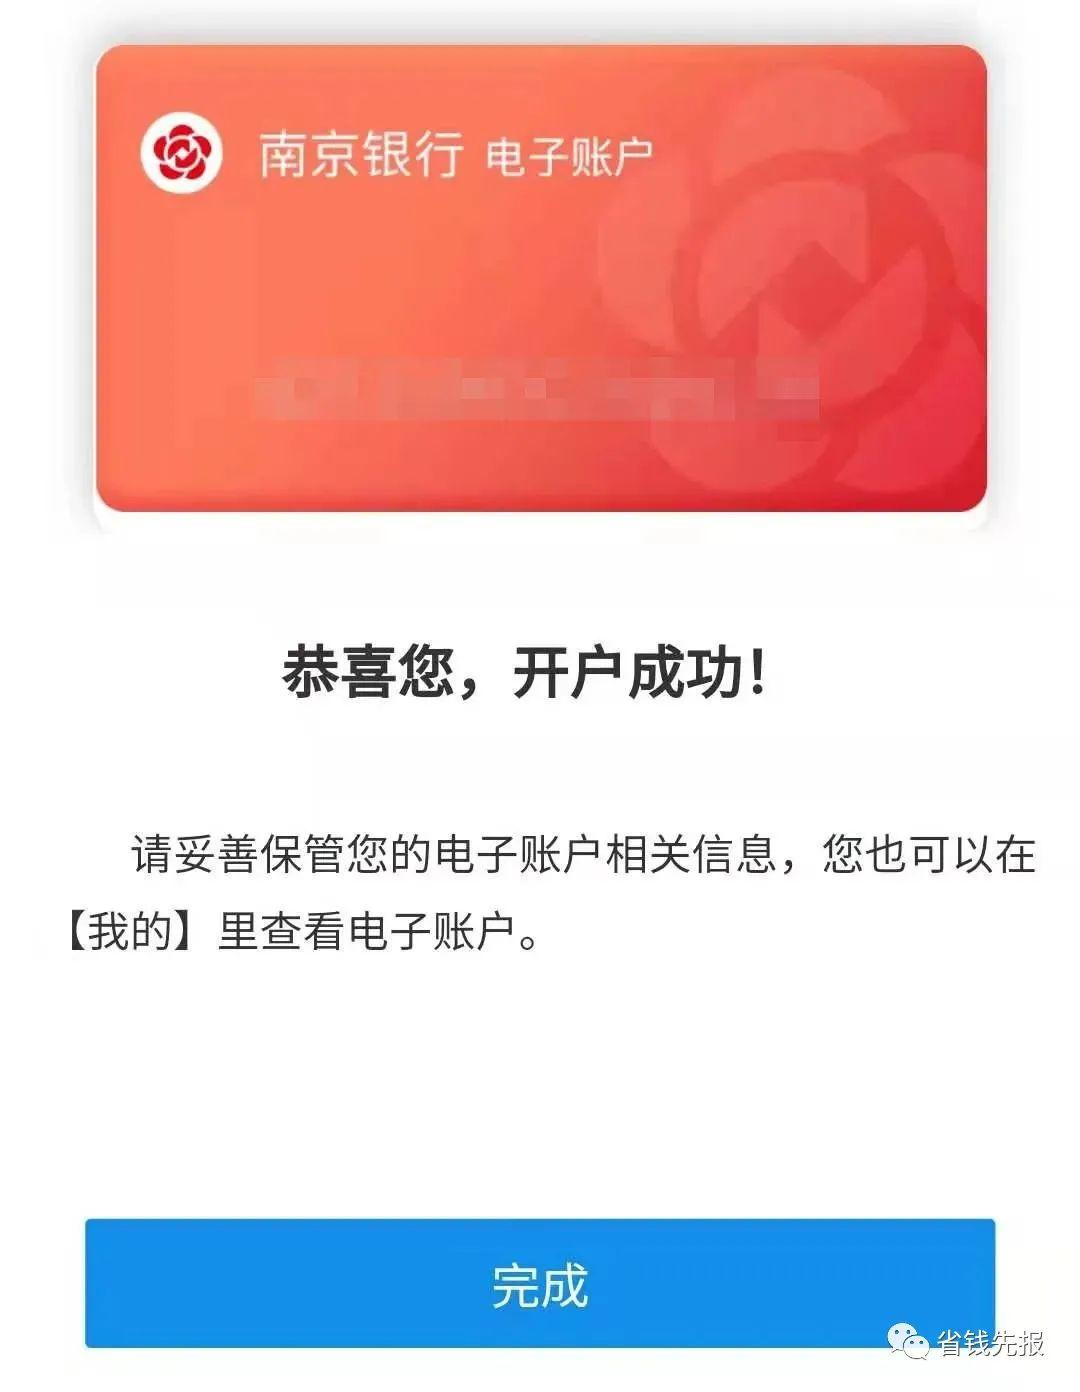 支付宝现金红包30+5元银行活动!